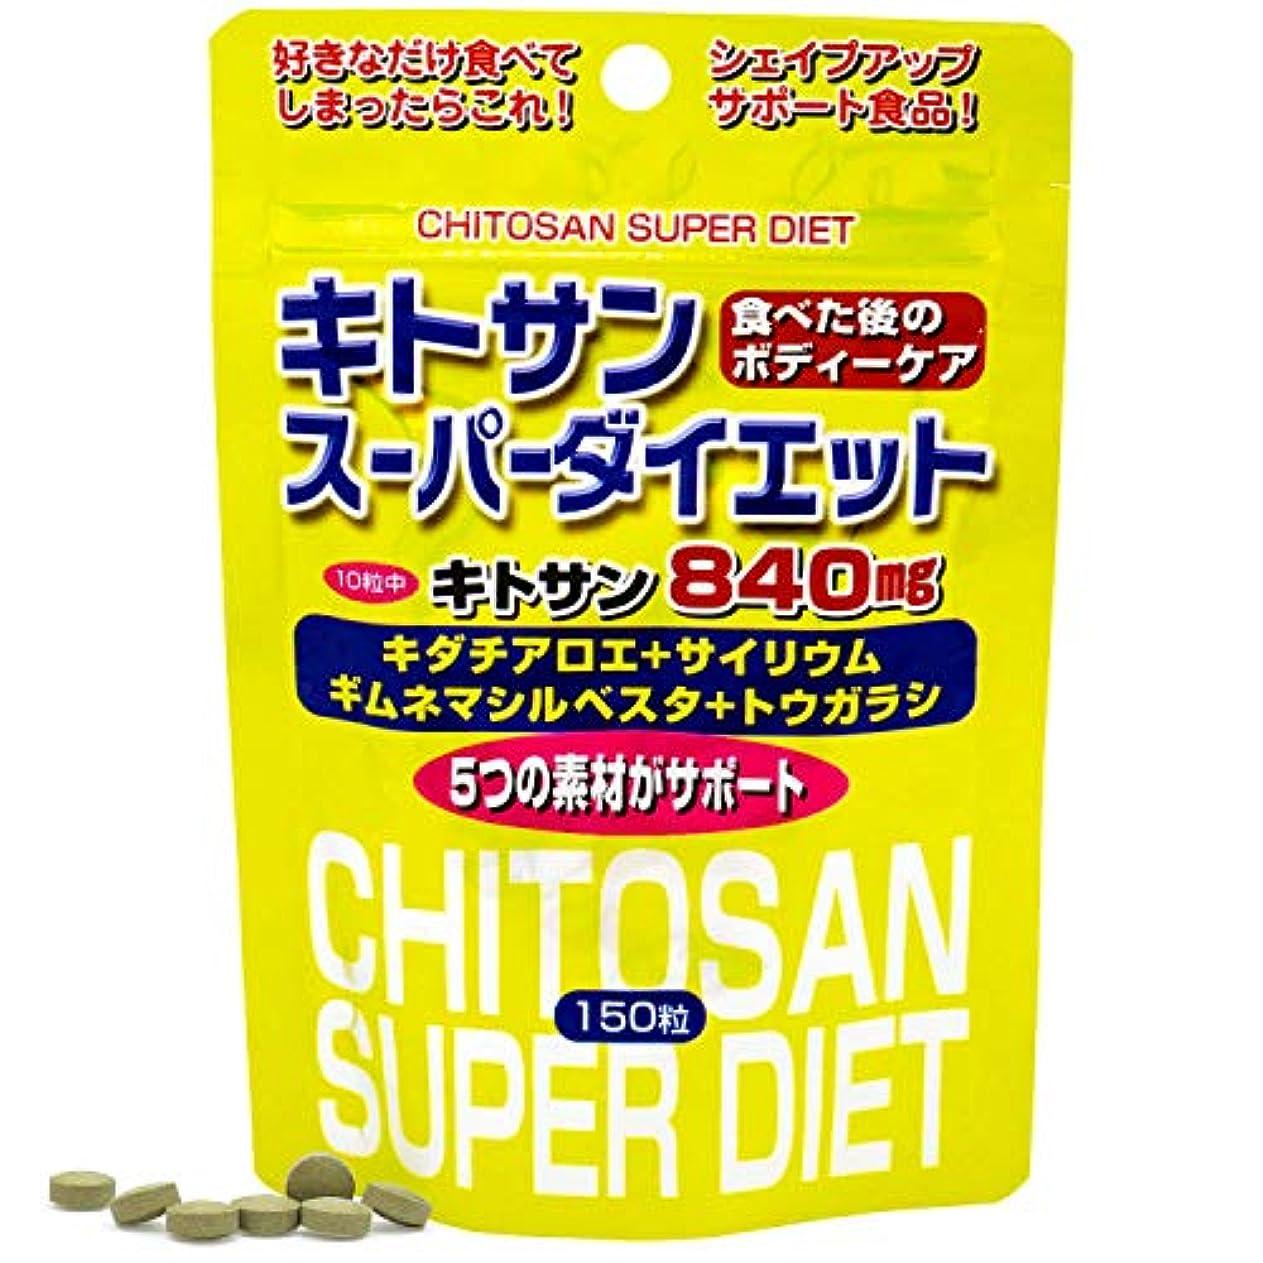 できる課税想像力豊かなユウキ製薬 スタンドパック キトサンスーパーダイエット 15-21日分 150粒